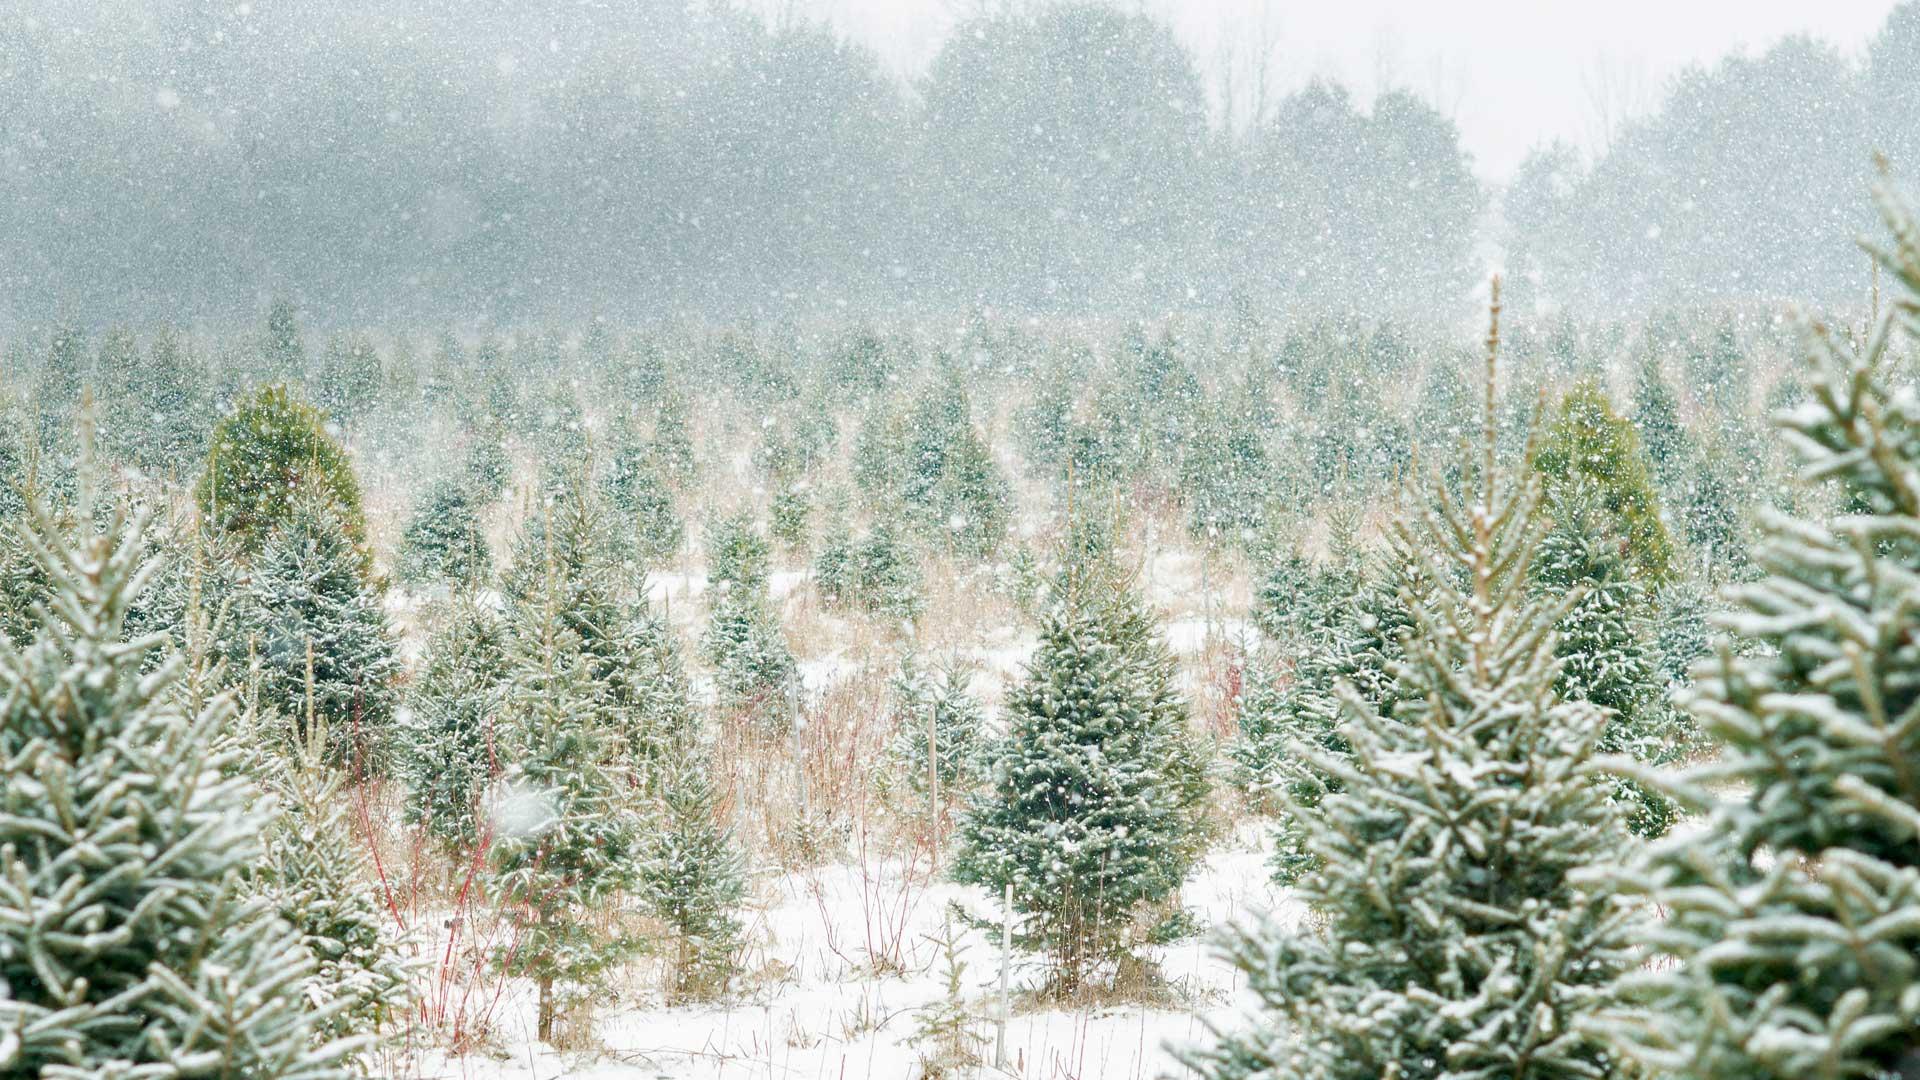 安大略省的圣诞树农场圣诞树农场